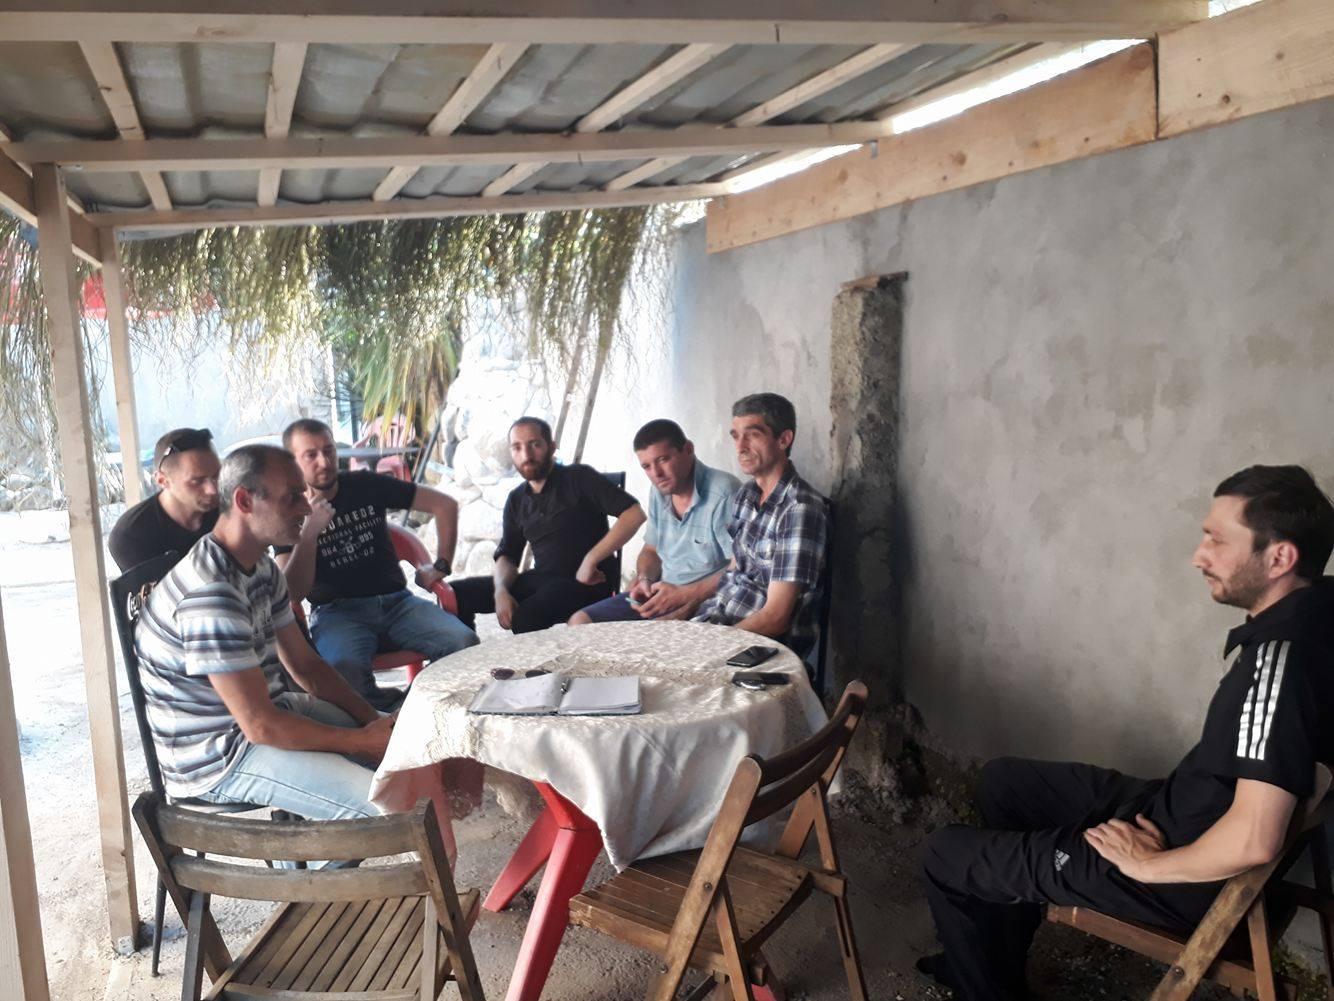 მწვანე კონცხის საზოგადოებრივი დარბაზის შეხვედრა